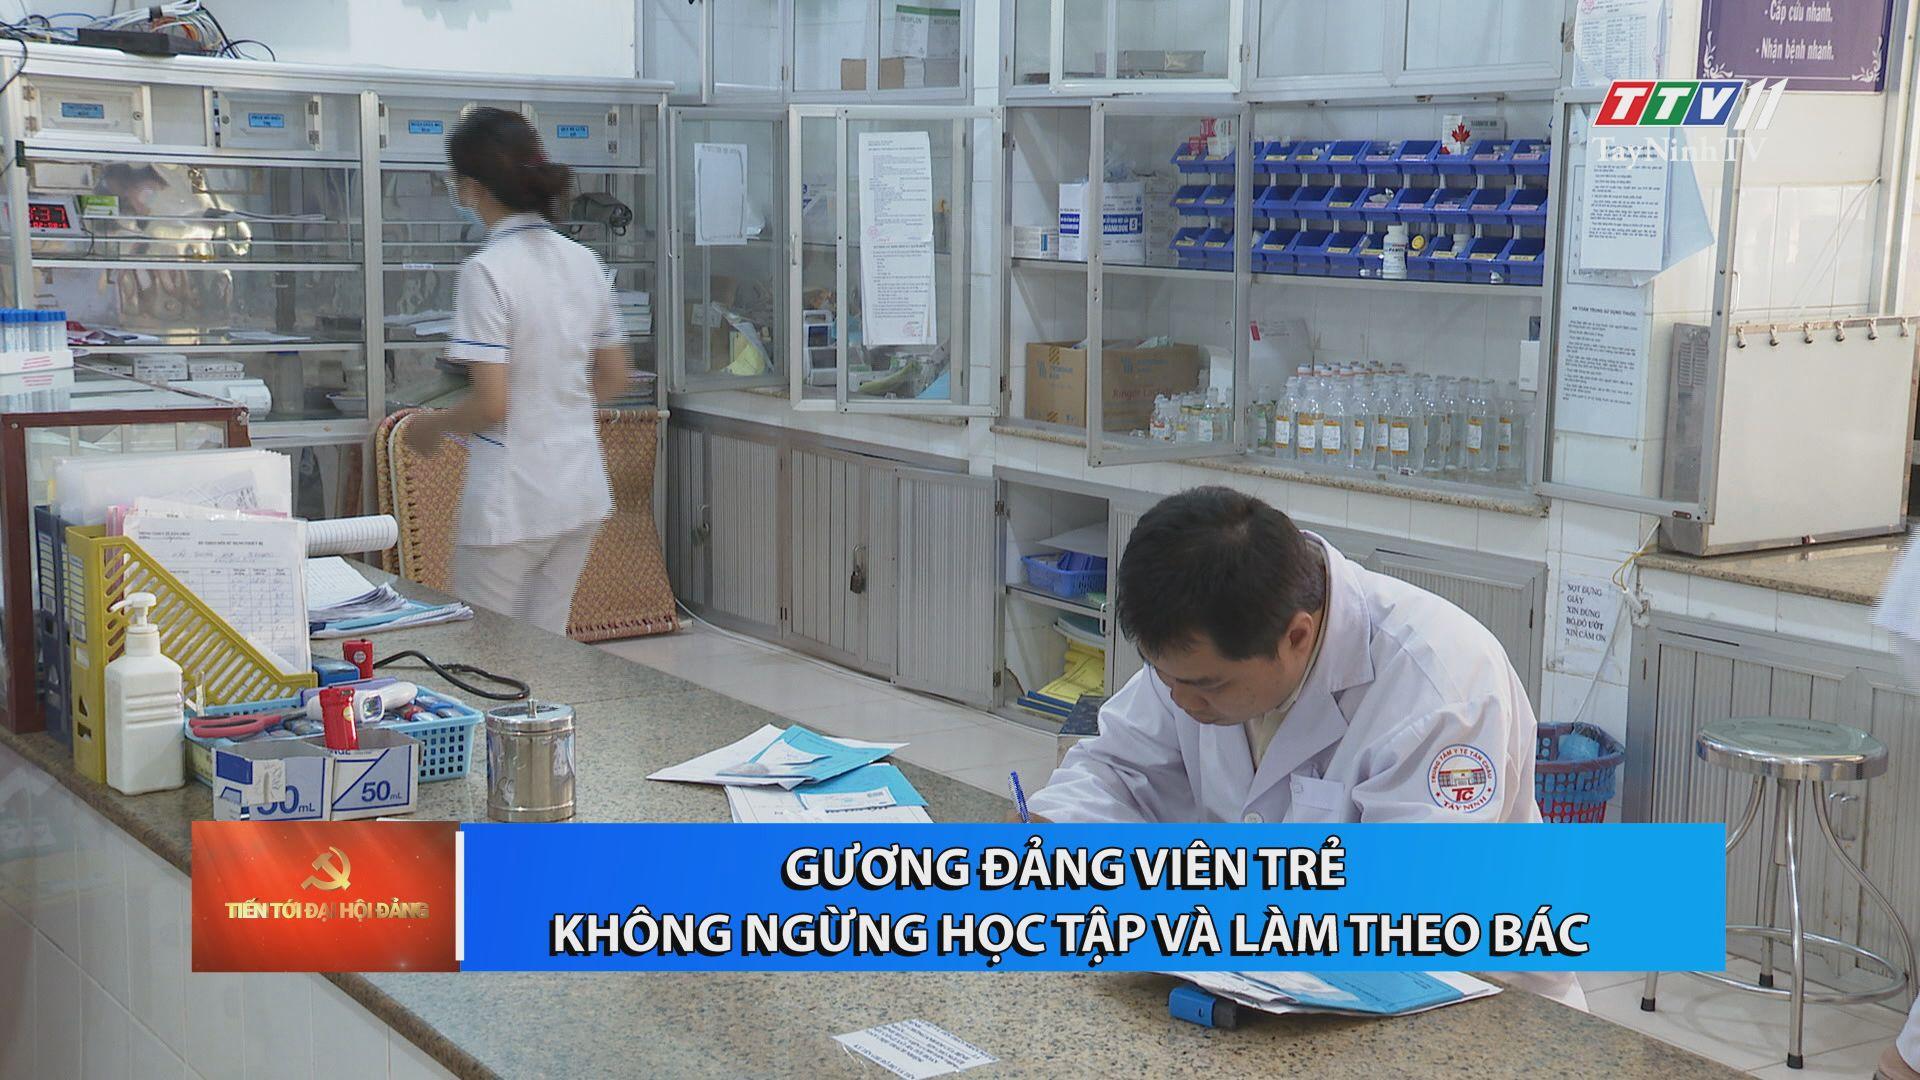 Gương Đảng viên trẻ không ngừng học tập và làm theo lời Bác | TIẾN TỚI ĐẠI HỘI ĐẢNG | TayNinhTV